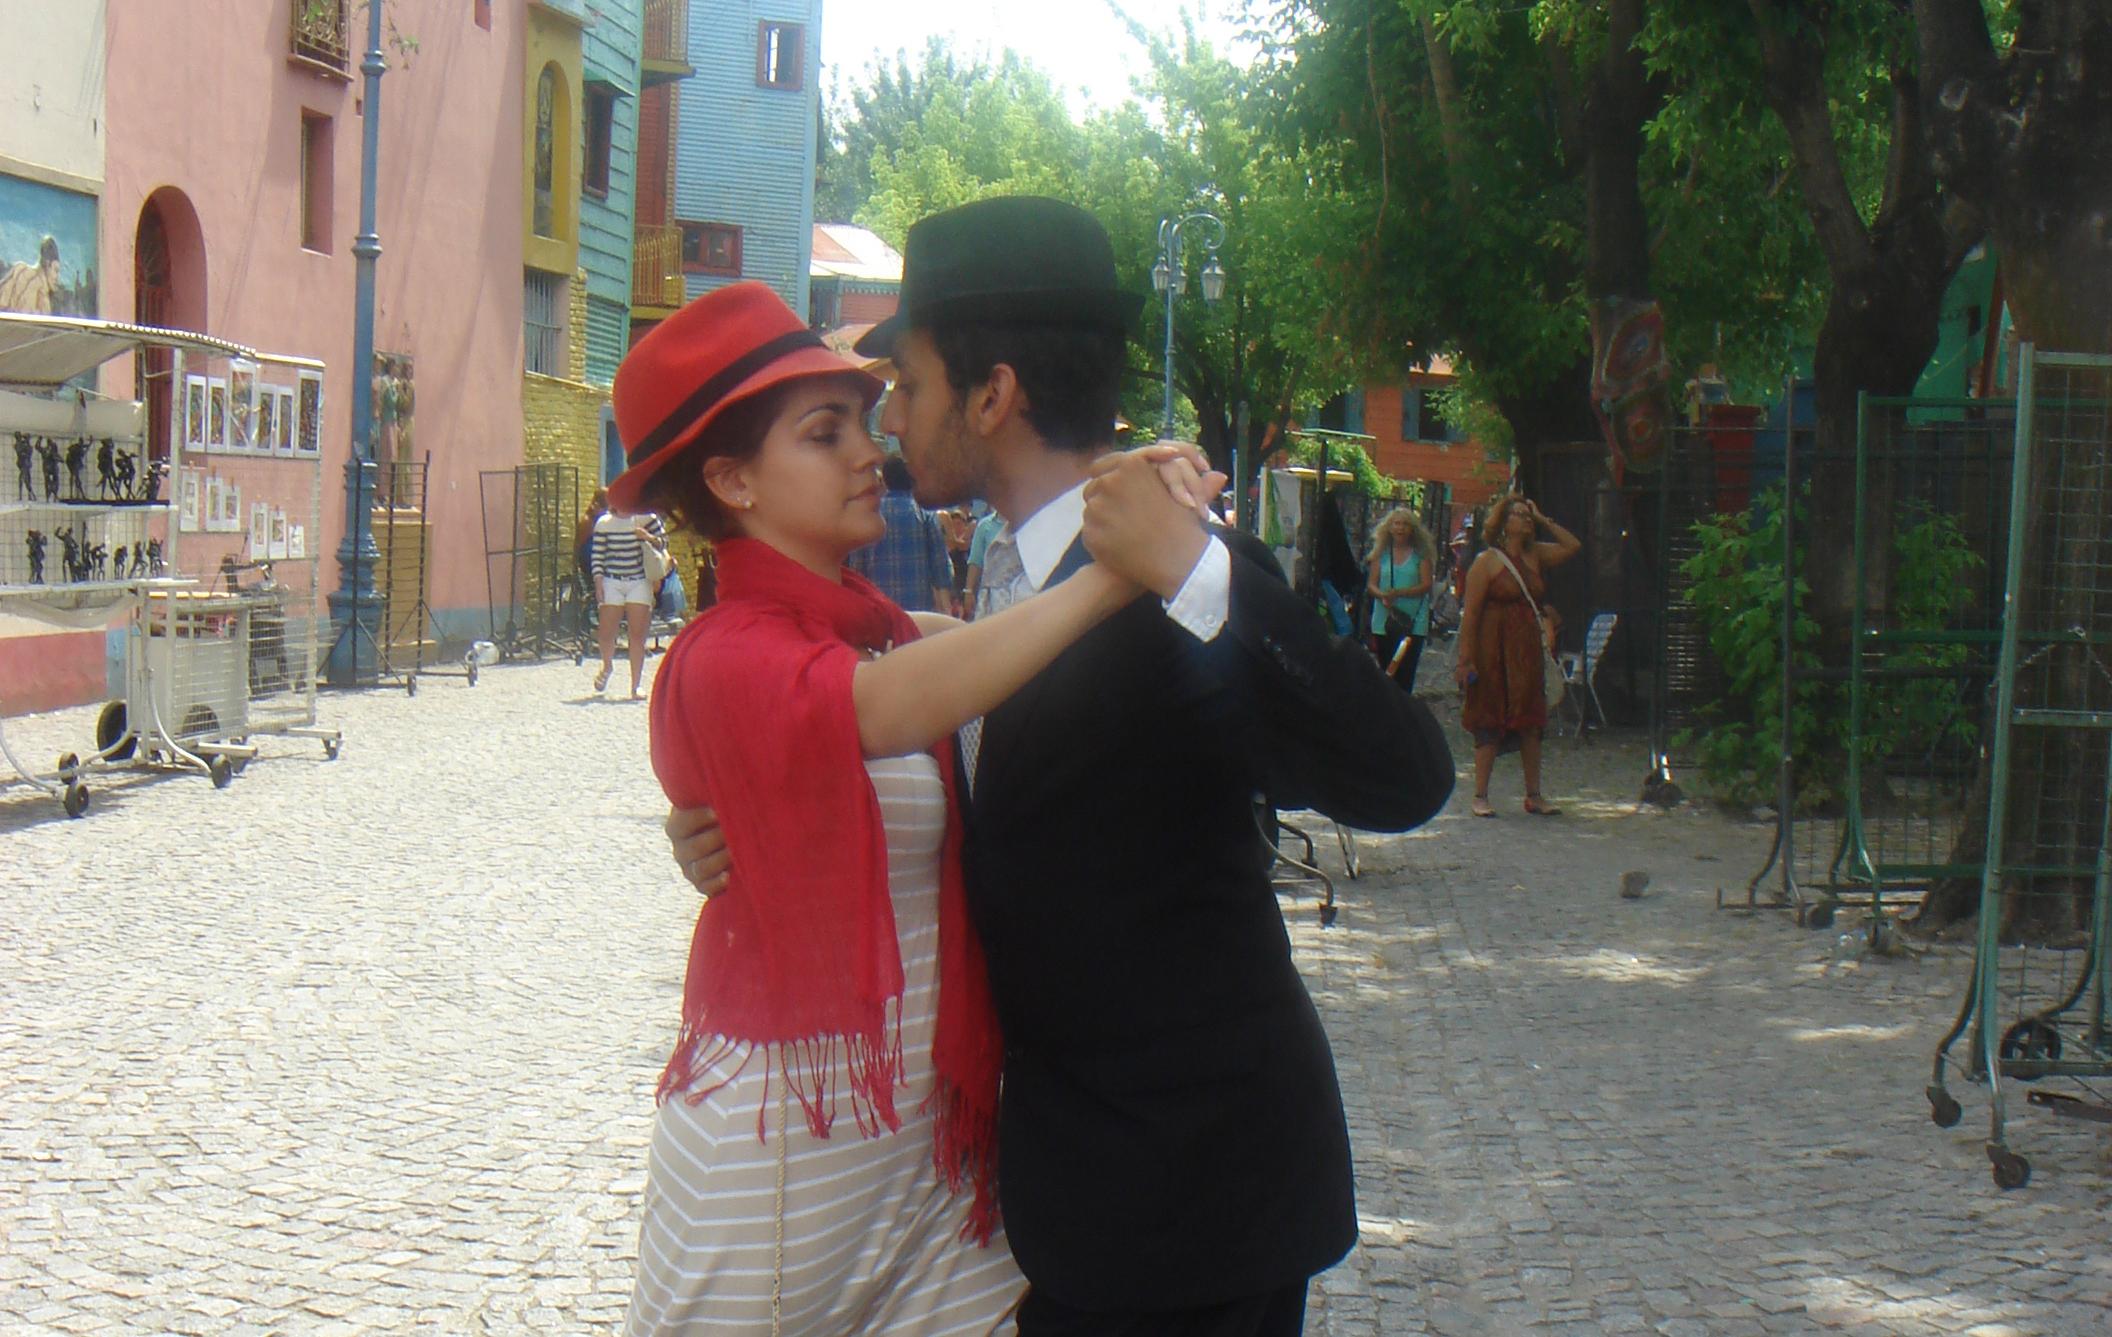 Cours de tango et mariage à Buenos Aires